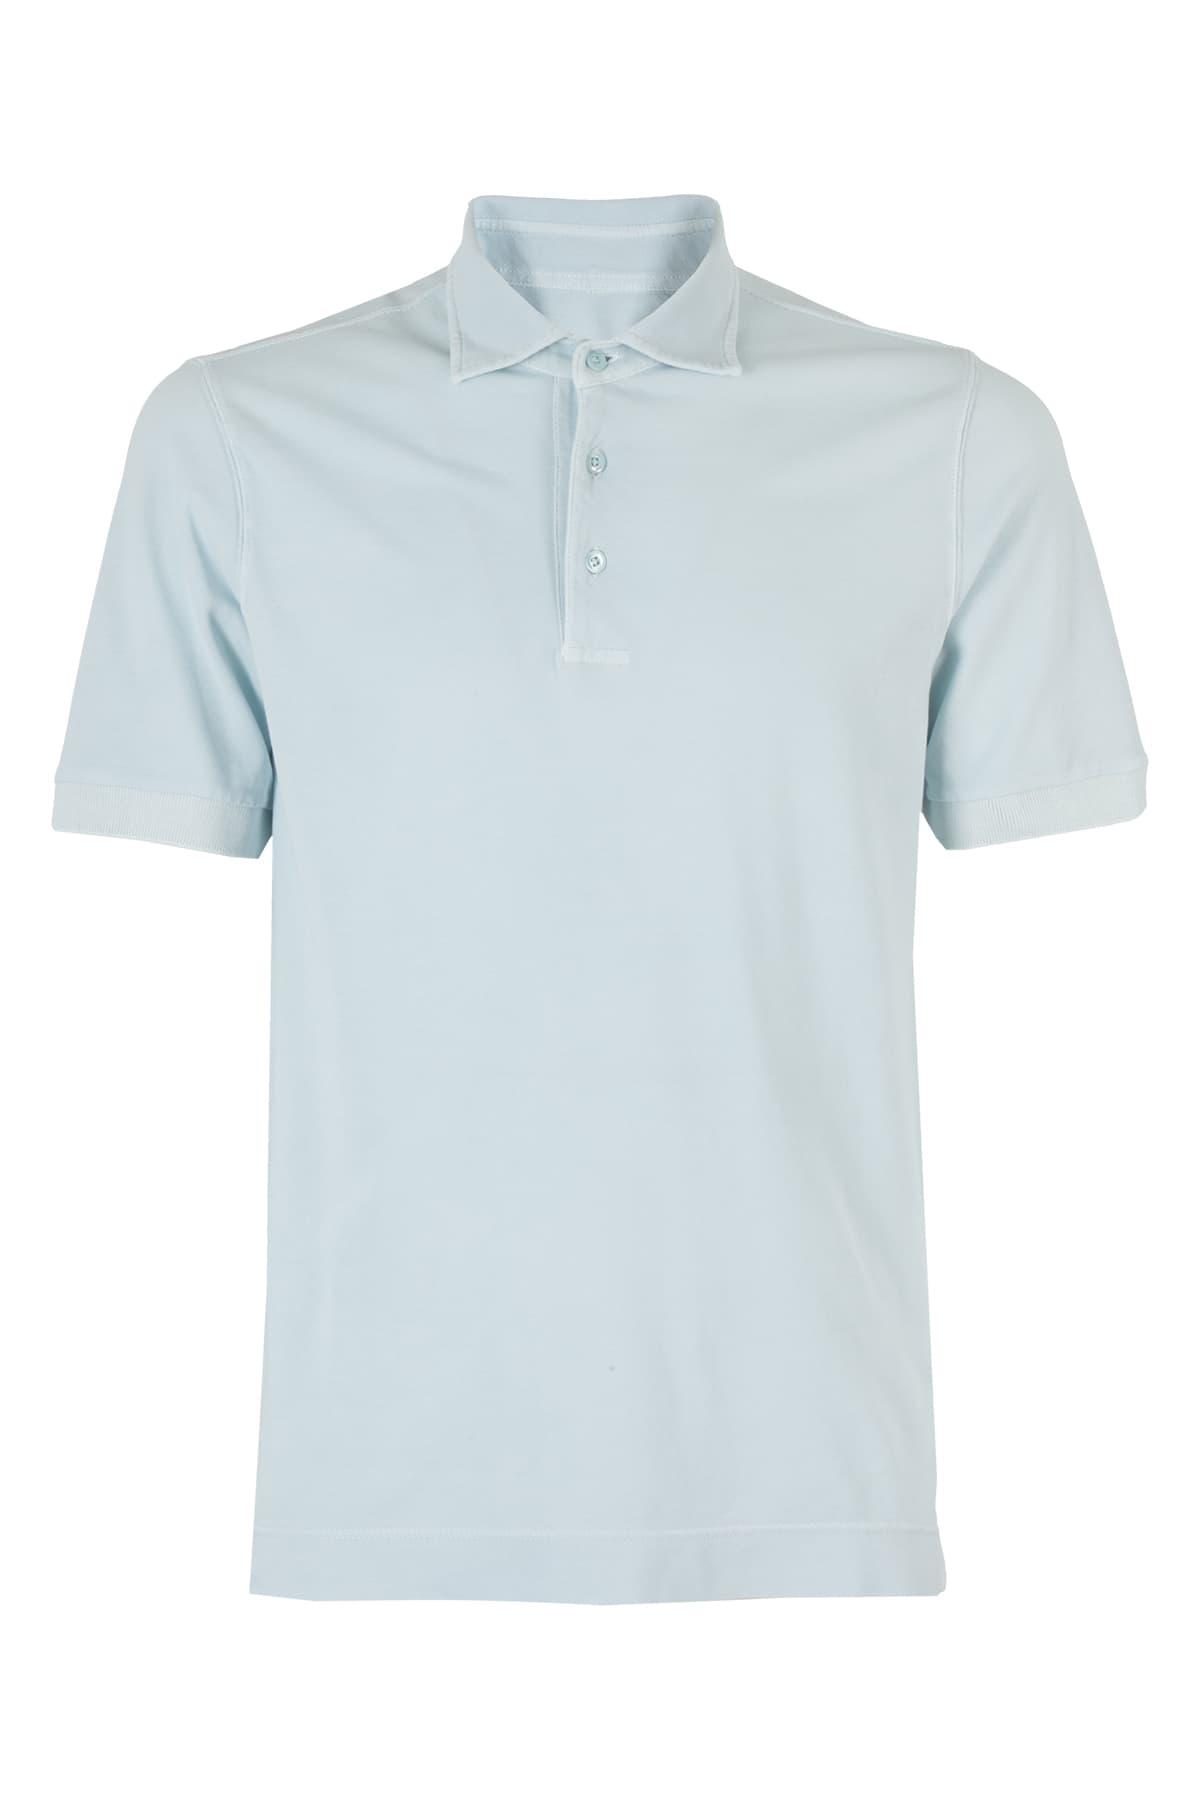 1901 Polo Shirt